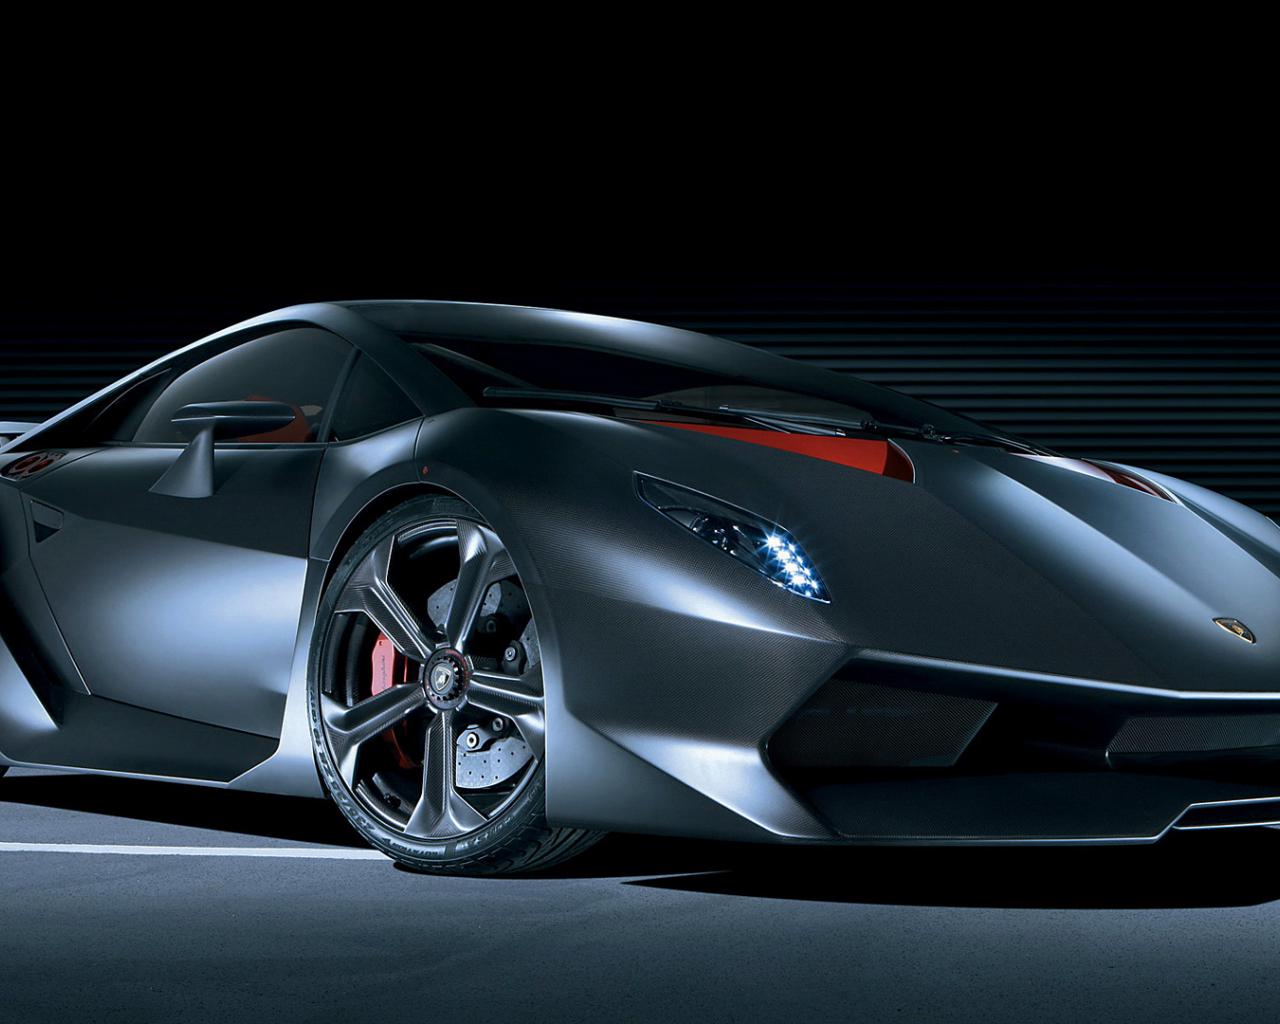 Free Download 2010 Lamborghini Sesto Elemento Concept Wallpapers